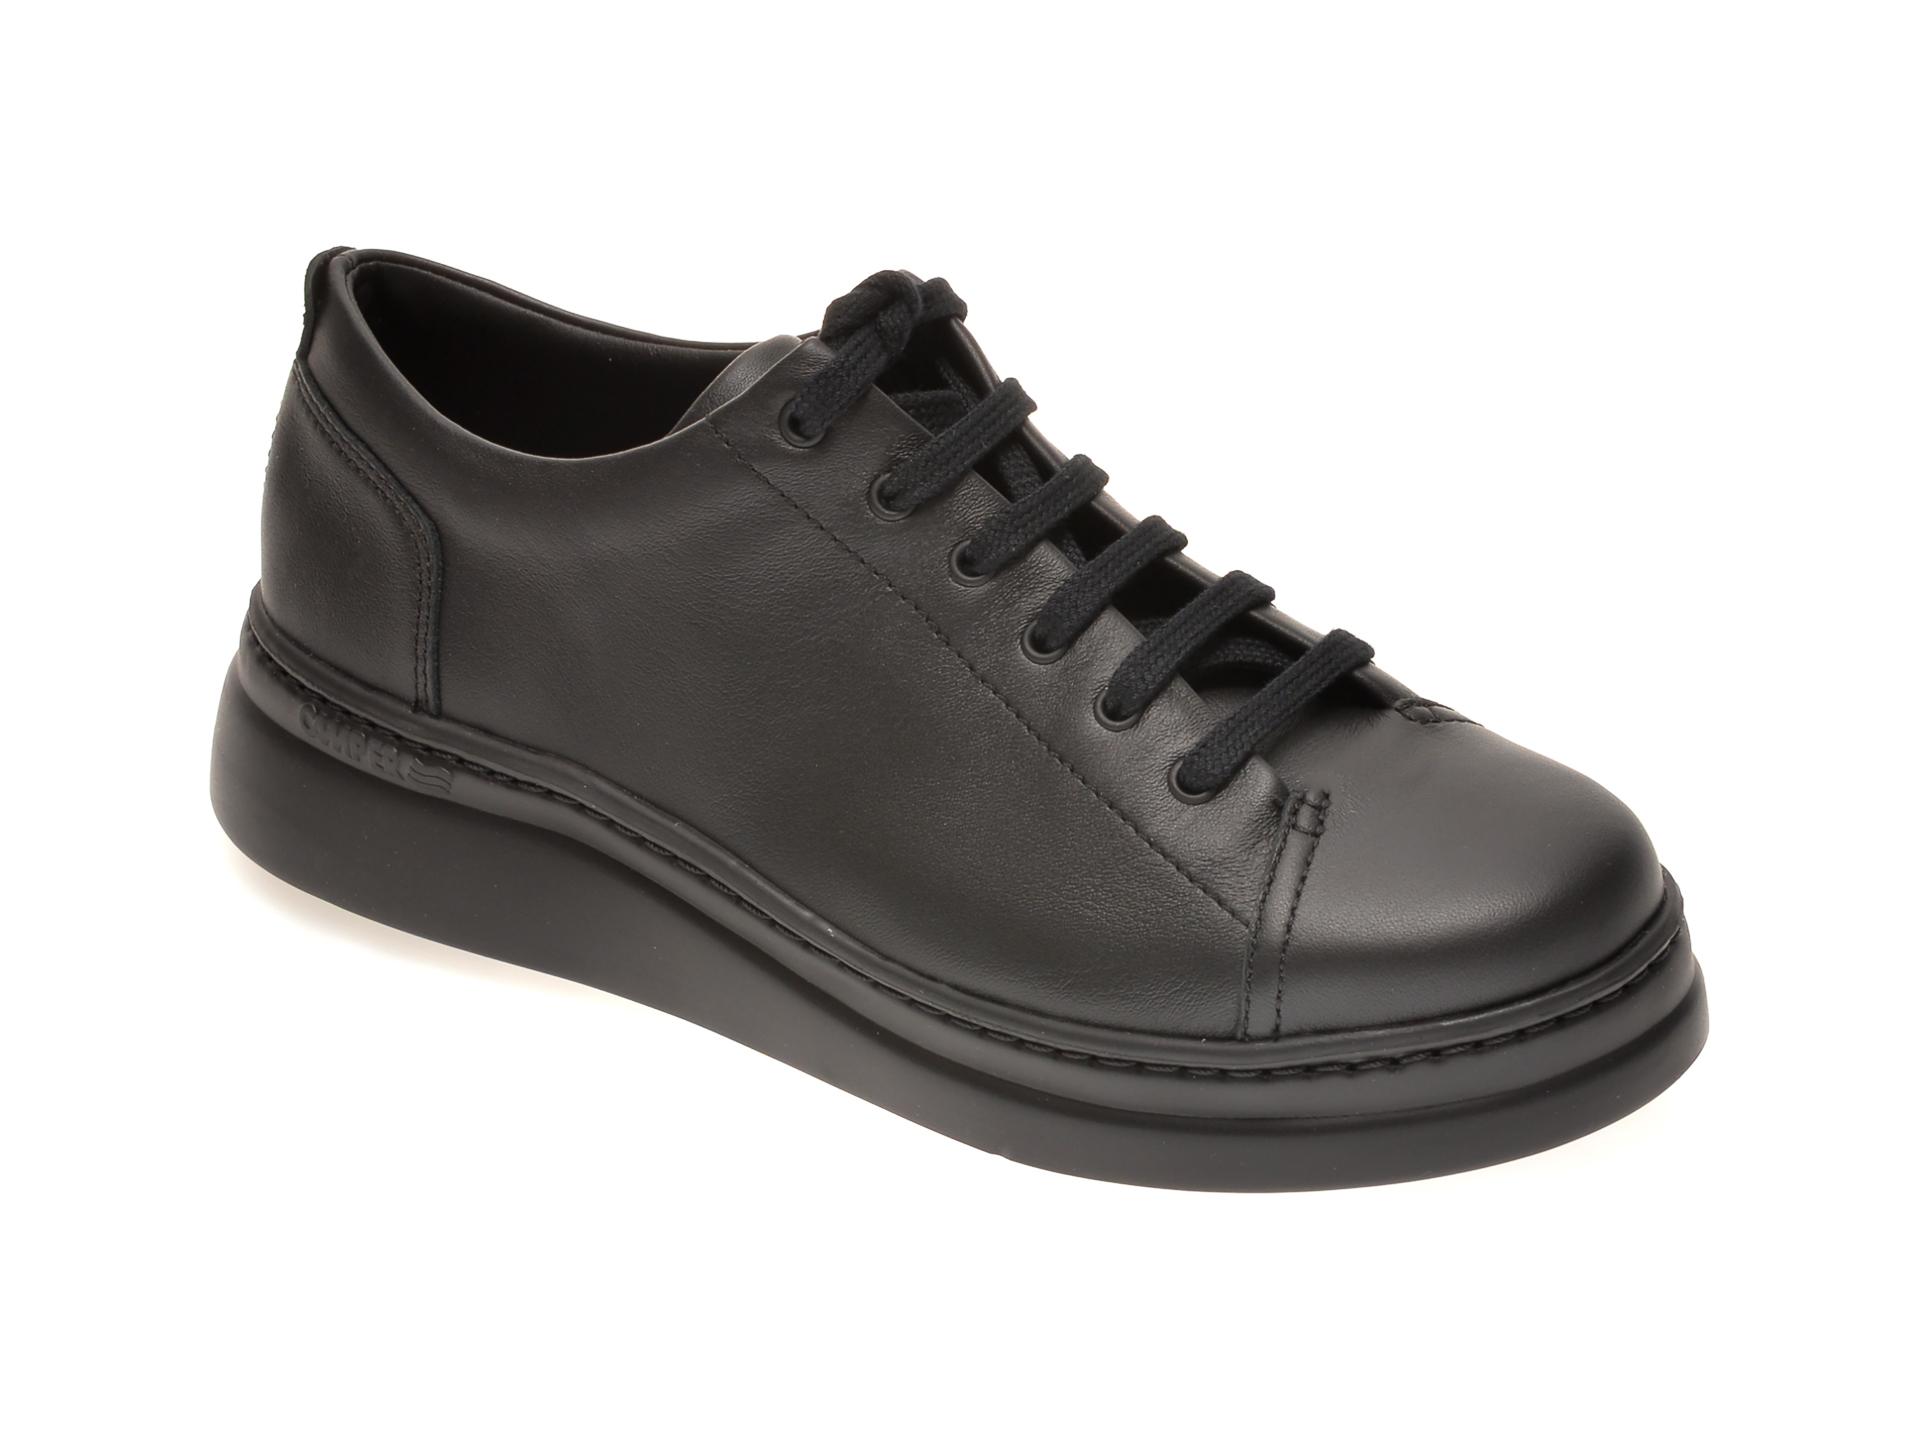 Pantofi CAMPER negri, K200508, din piele naturala imagine otter.ro